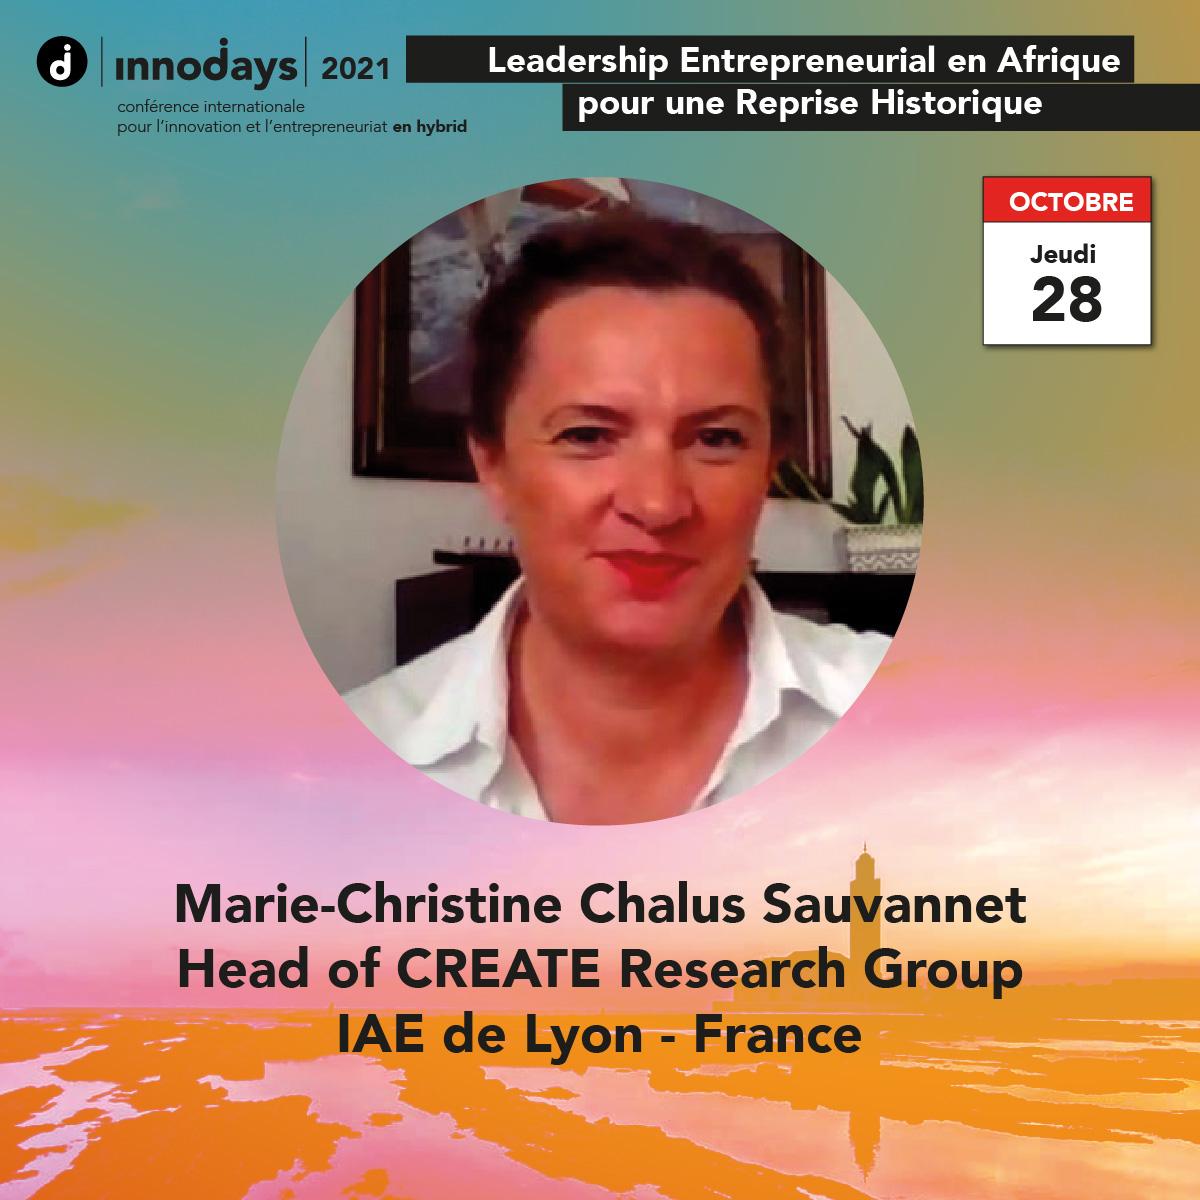 Marie-Christine Chalus Sauvannet - Fondatrice du Groupe de Recherche CREATE - IAE de Lyon - France